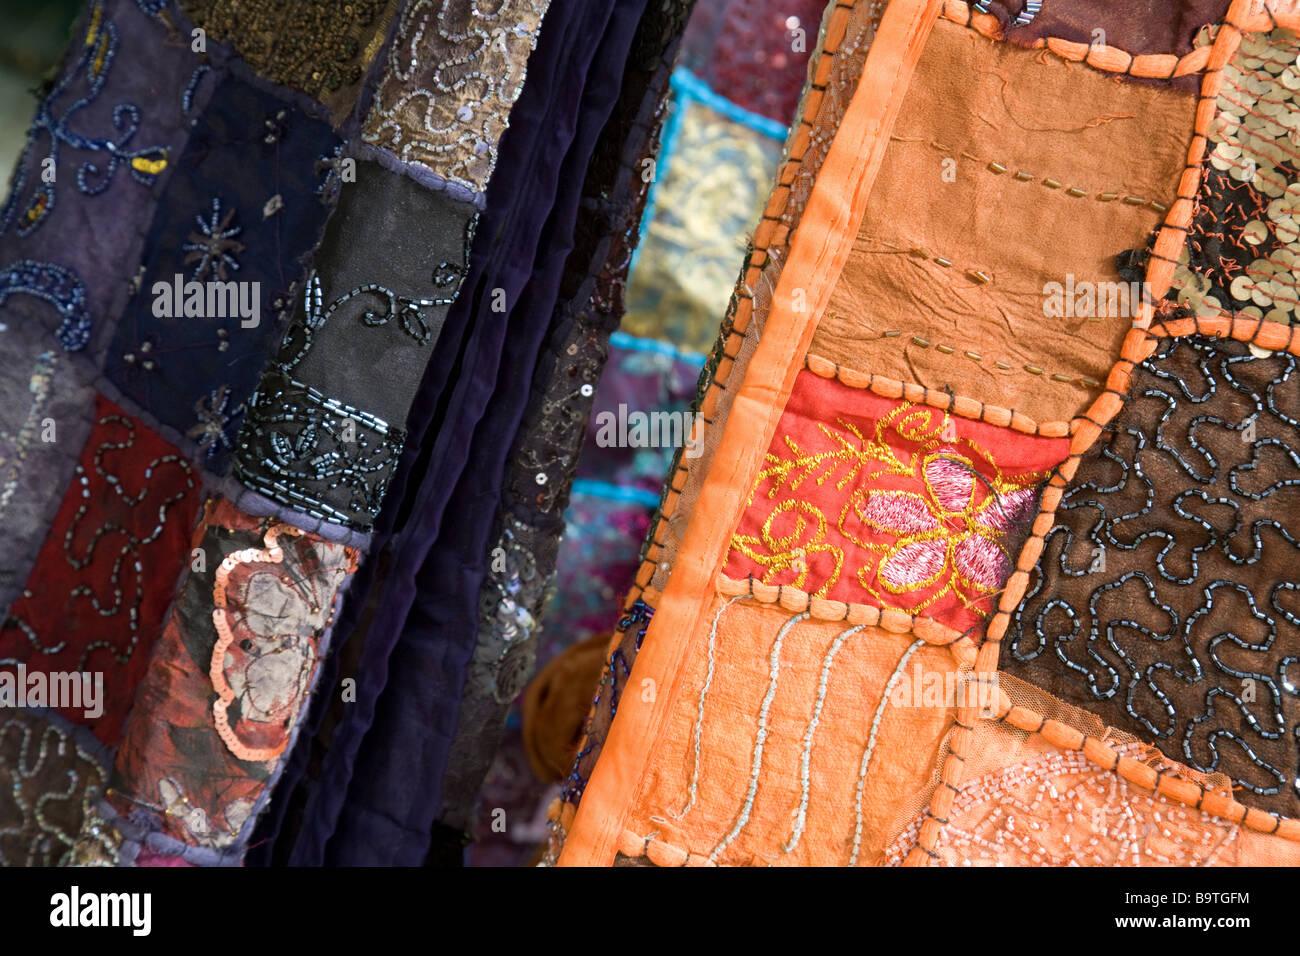 Nahaufnahme von bunten Material zu verkaufen, Jordanien Stockbild